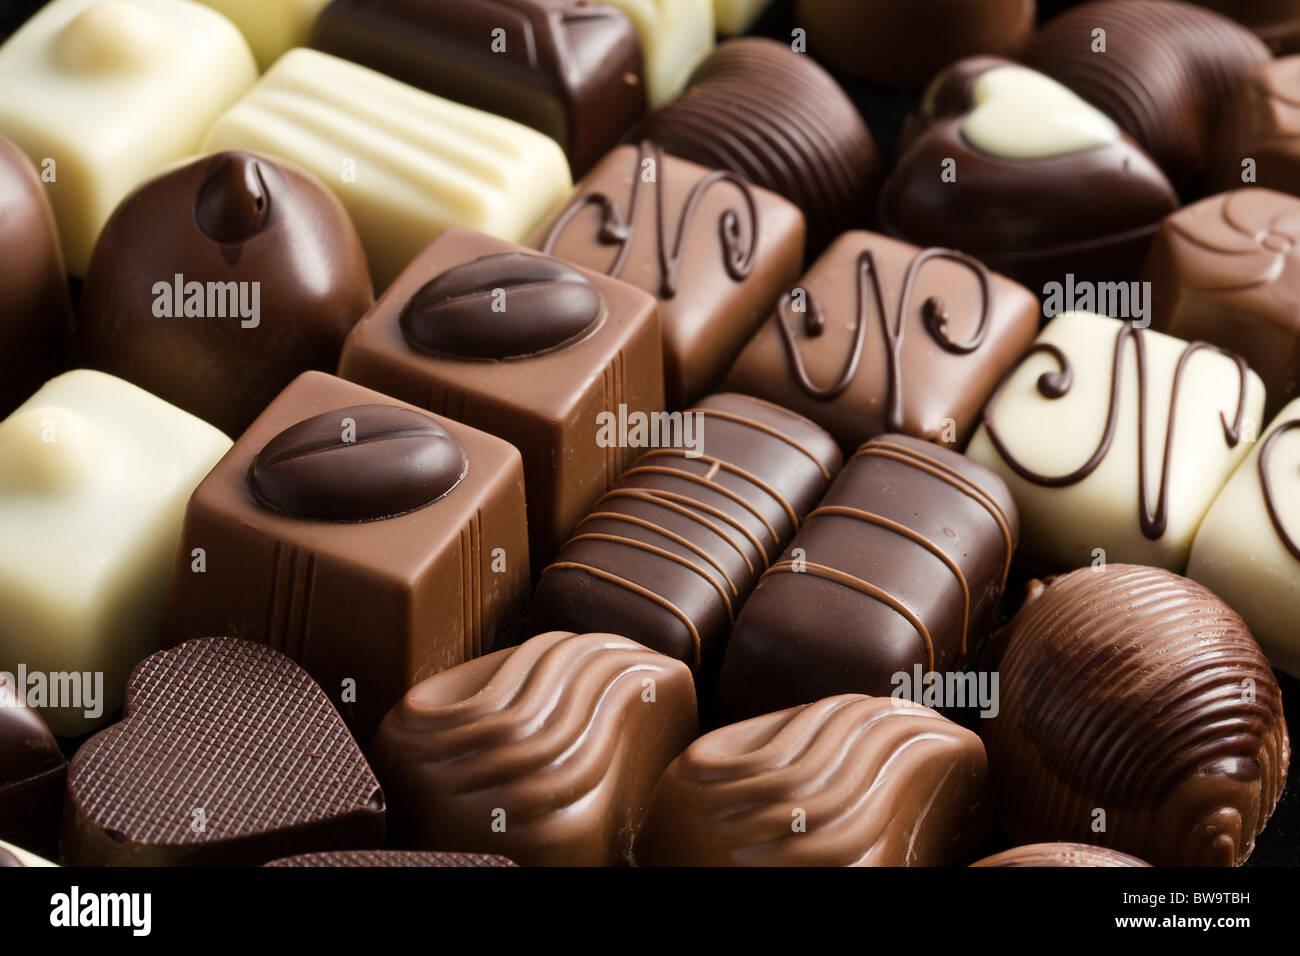 various chocolate pralines - Stock Image